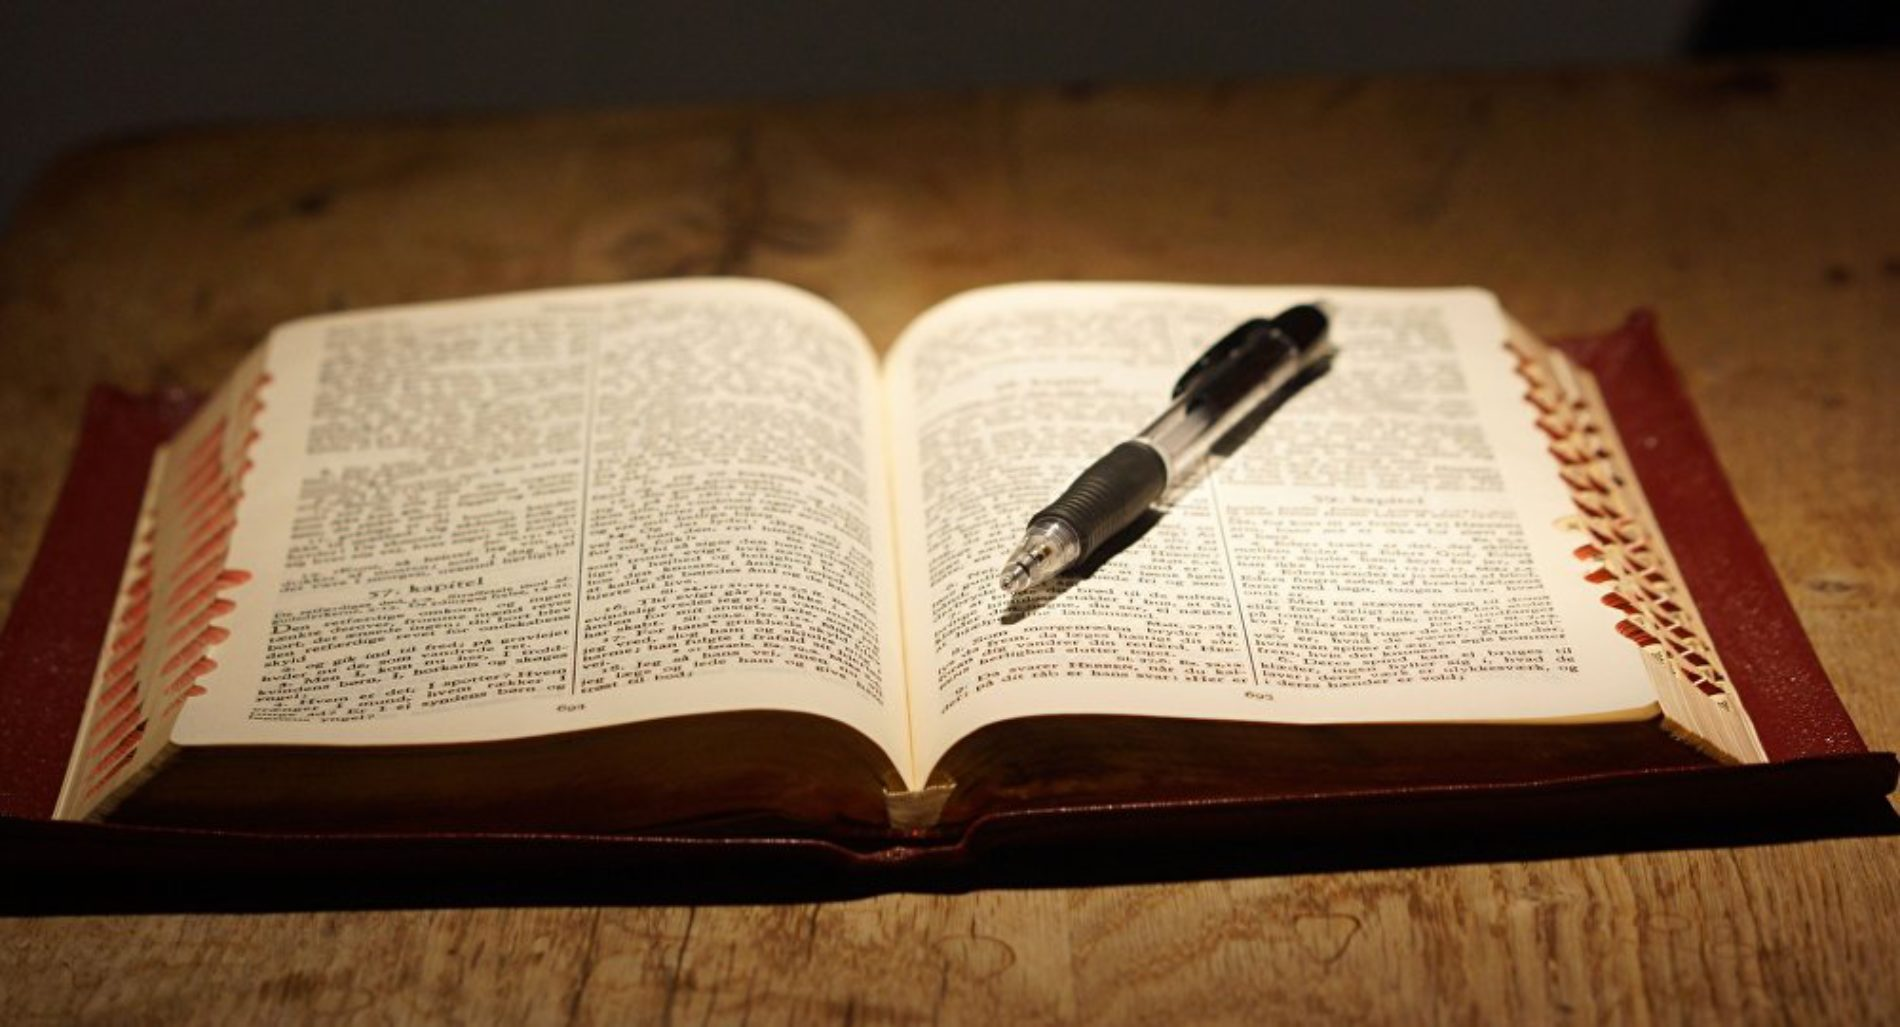 O que a Bíblia diz sobre gerenciar as suas finanças?